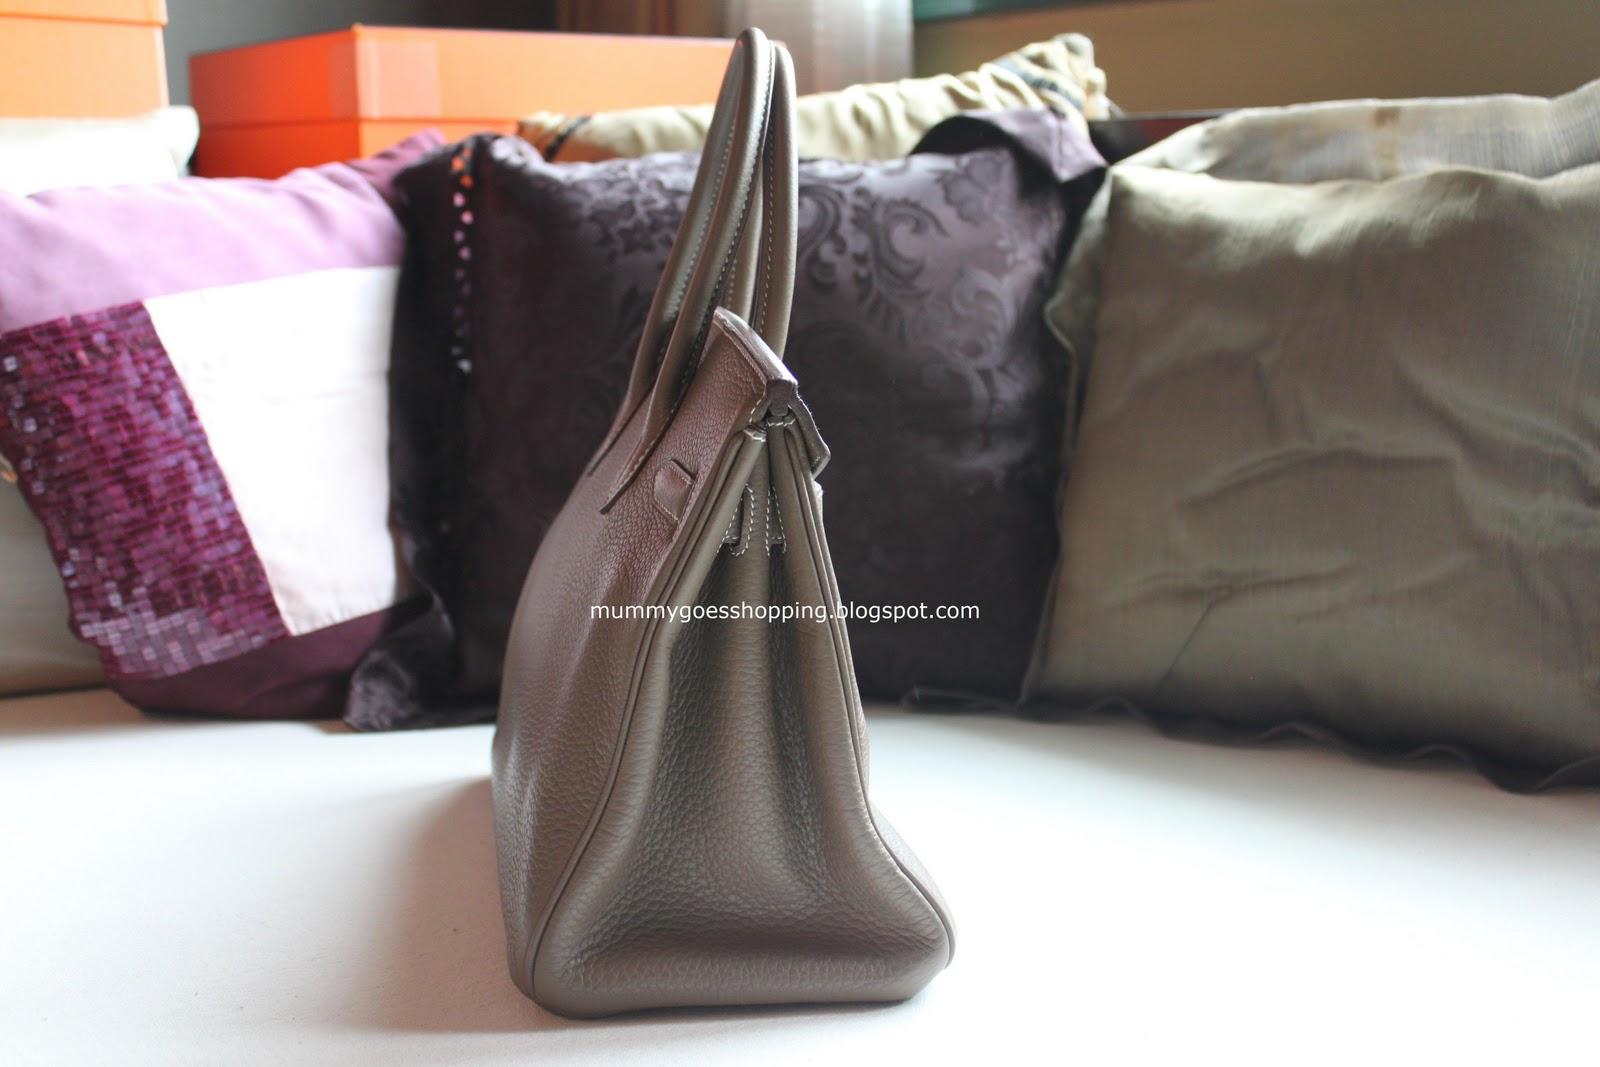 hermes crocodile birkin bag replica - SOLD! Hermes Birkin 30cm Etoupe Clemence with Palladium Hardware ...